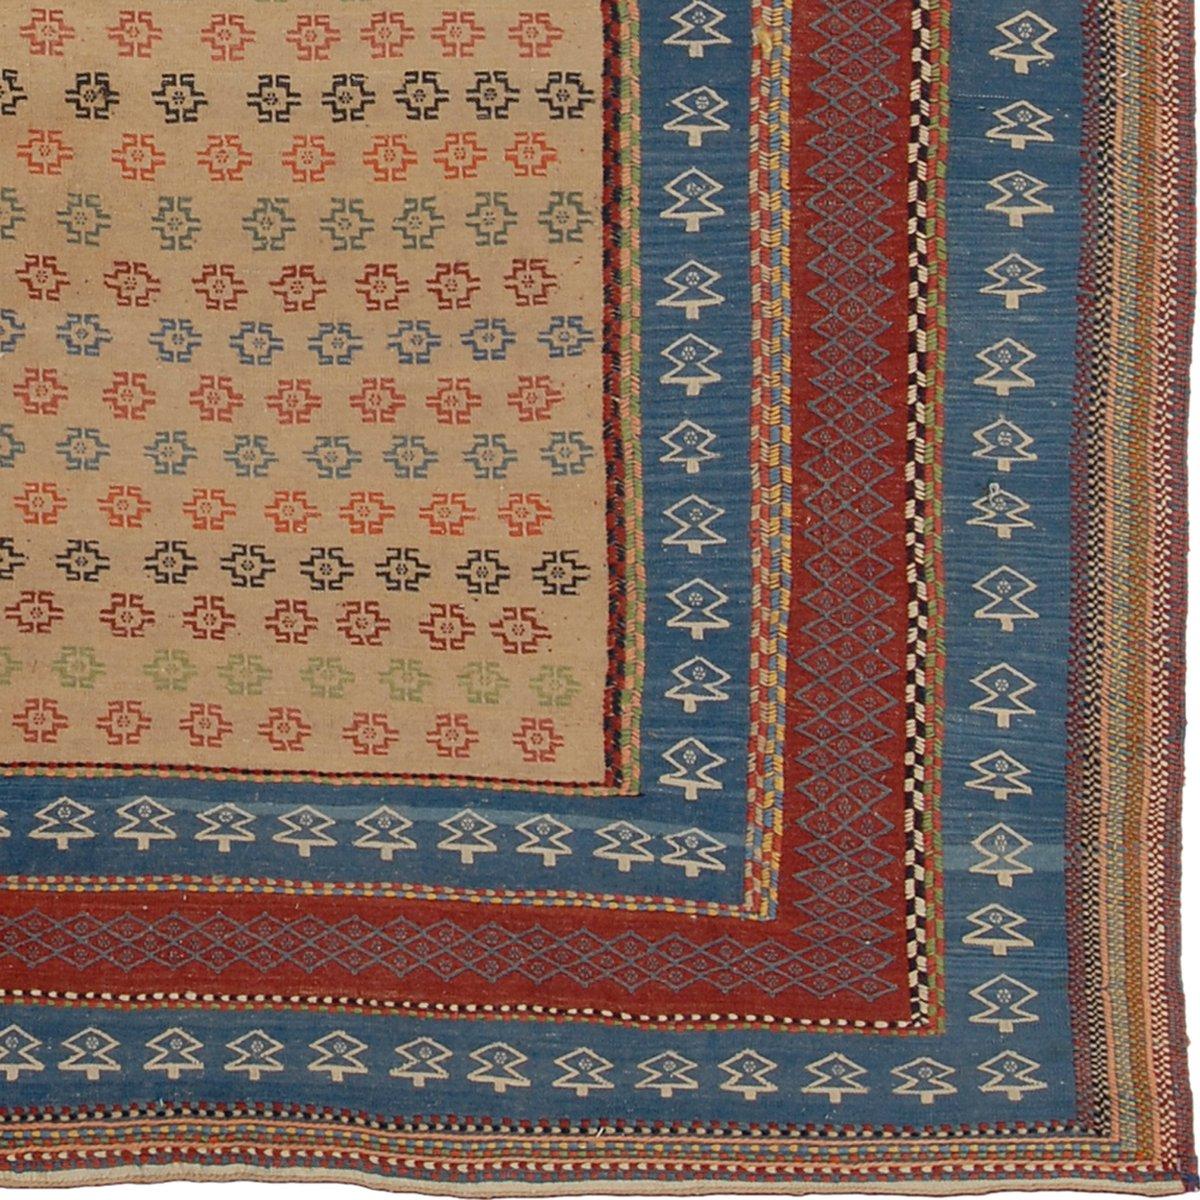 bestickter persischer kilim teppich in blau rot bei pamono kaufen. Black Bedroom Furniture Sets. Home Design Ideas